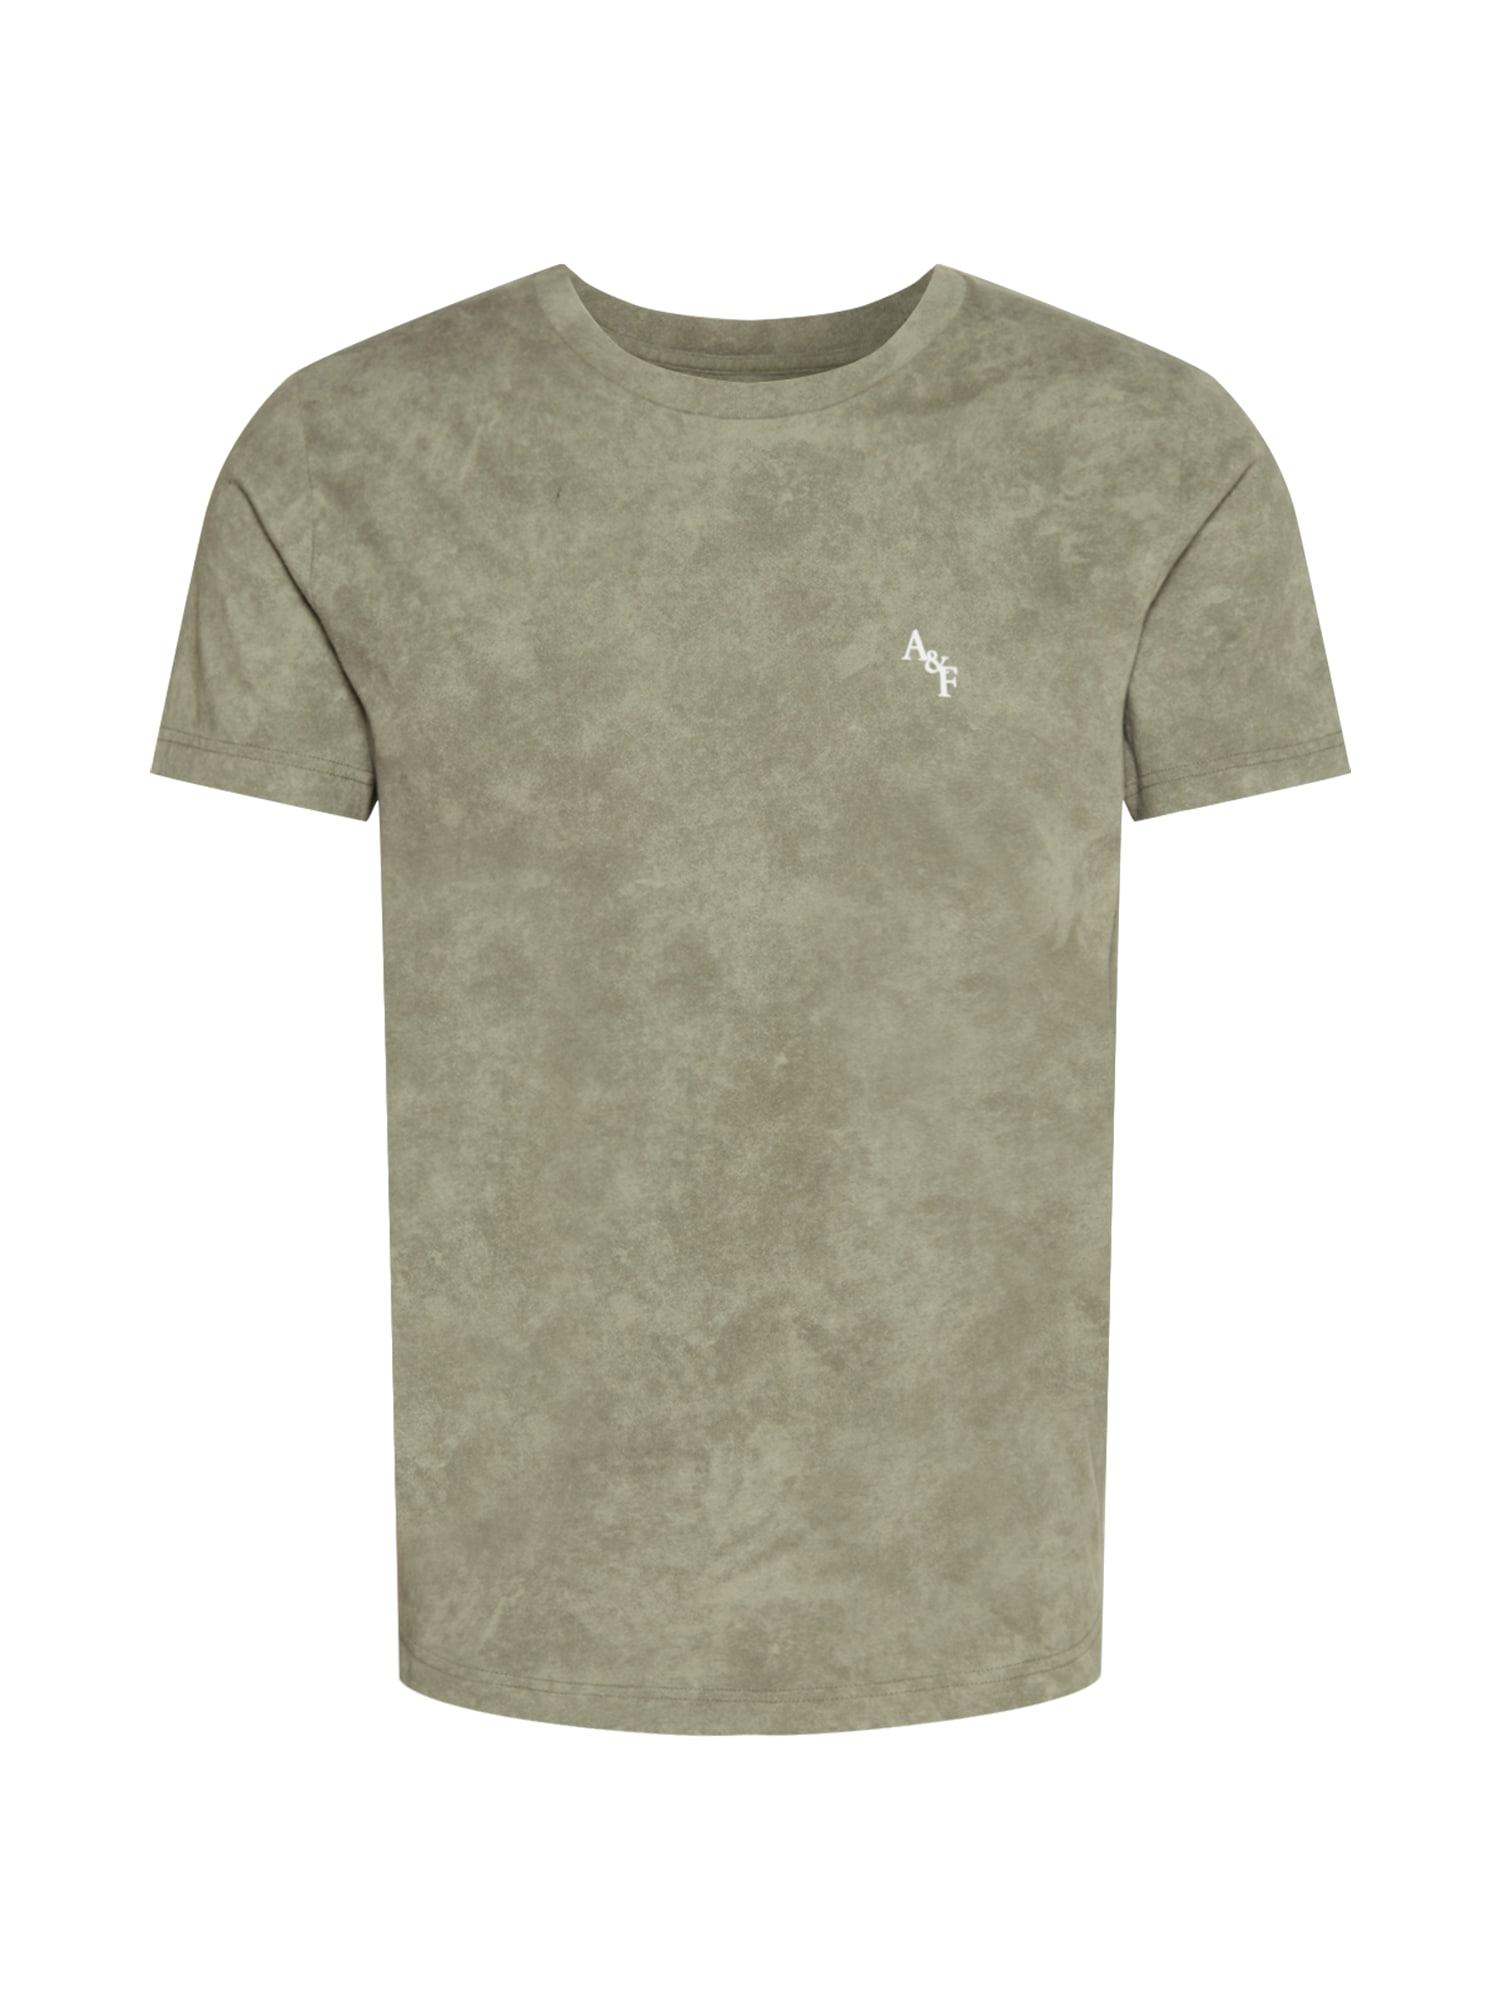 Abercrombie & Fitch Marškinėliai alyvuogių spalva